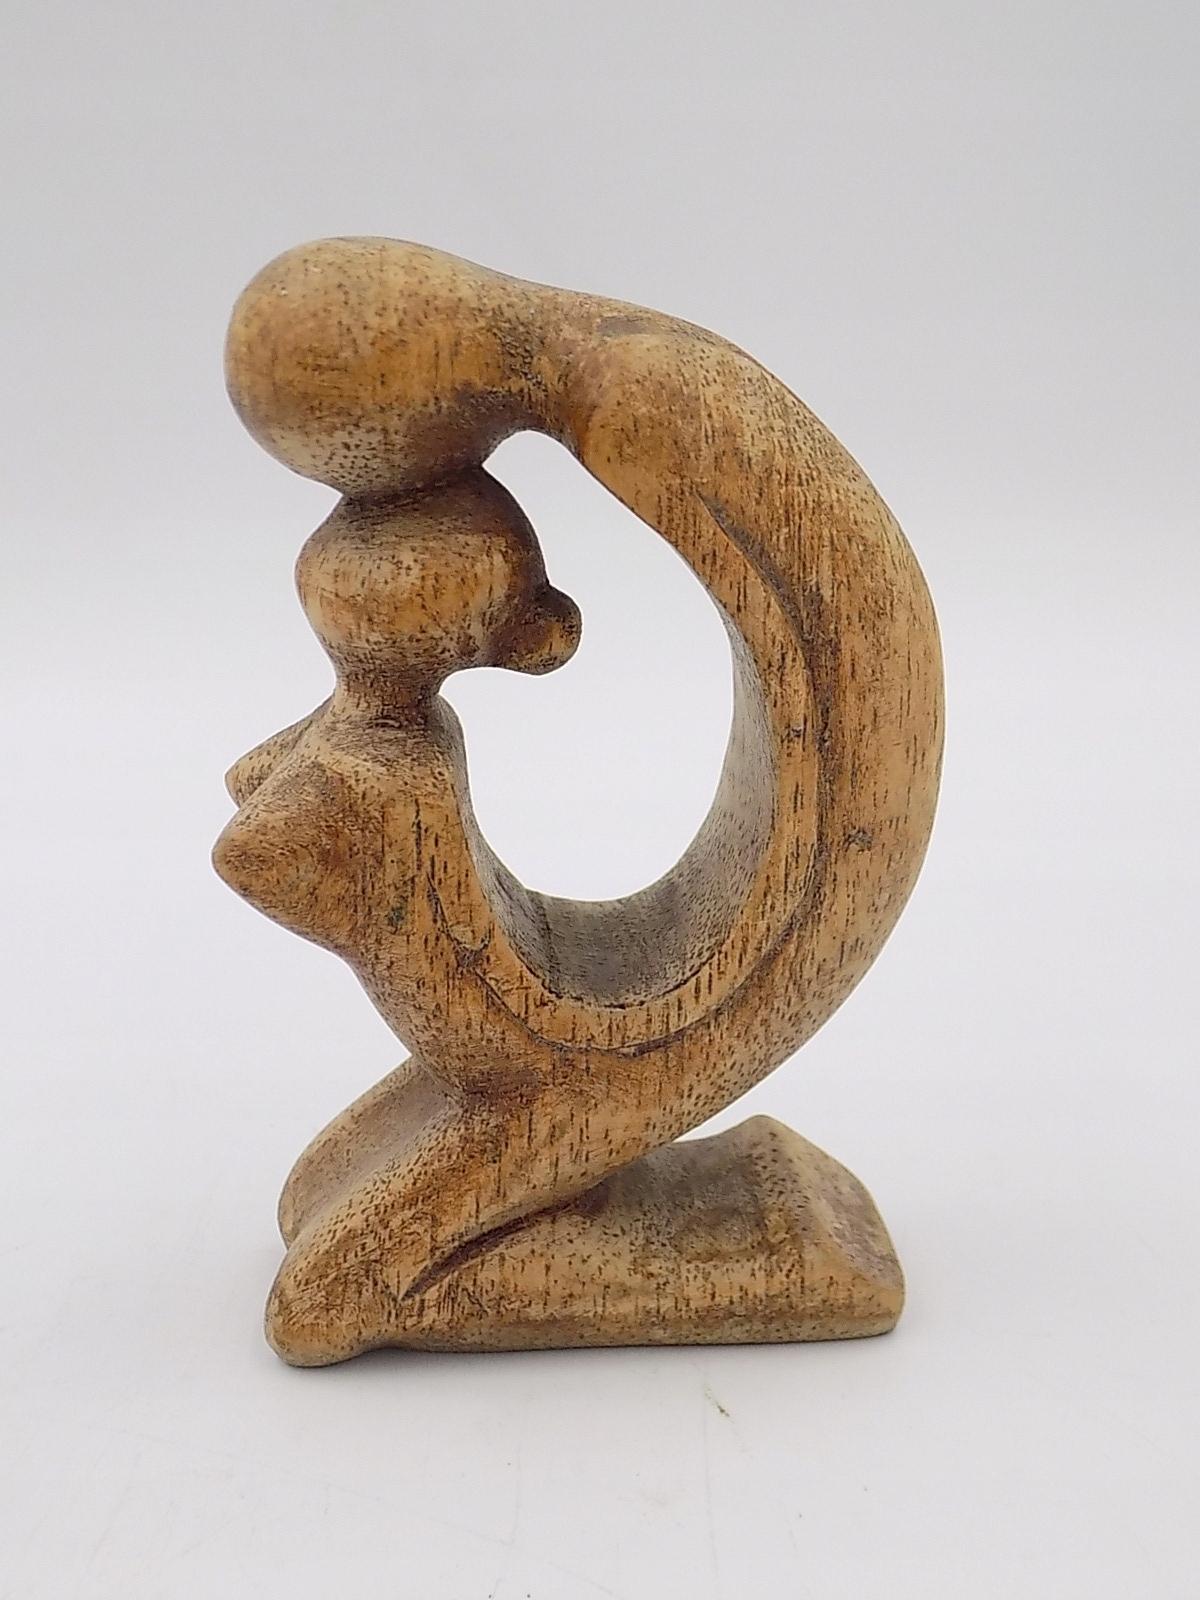 rzeźba drewniana Modern Design Matka z dzieckiem